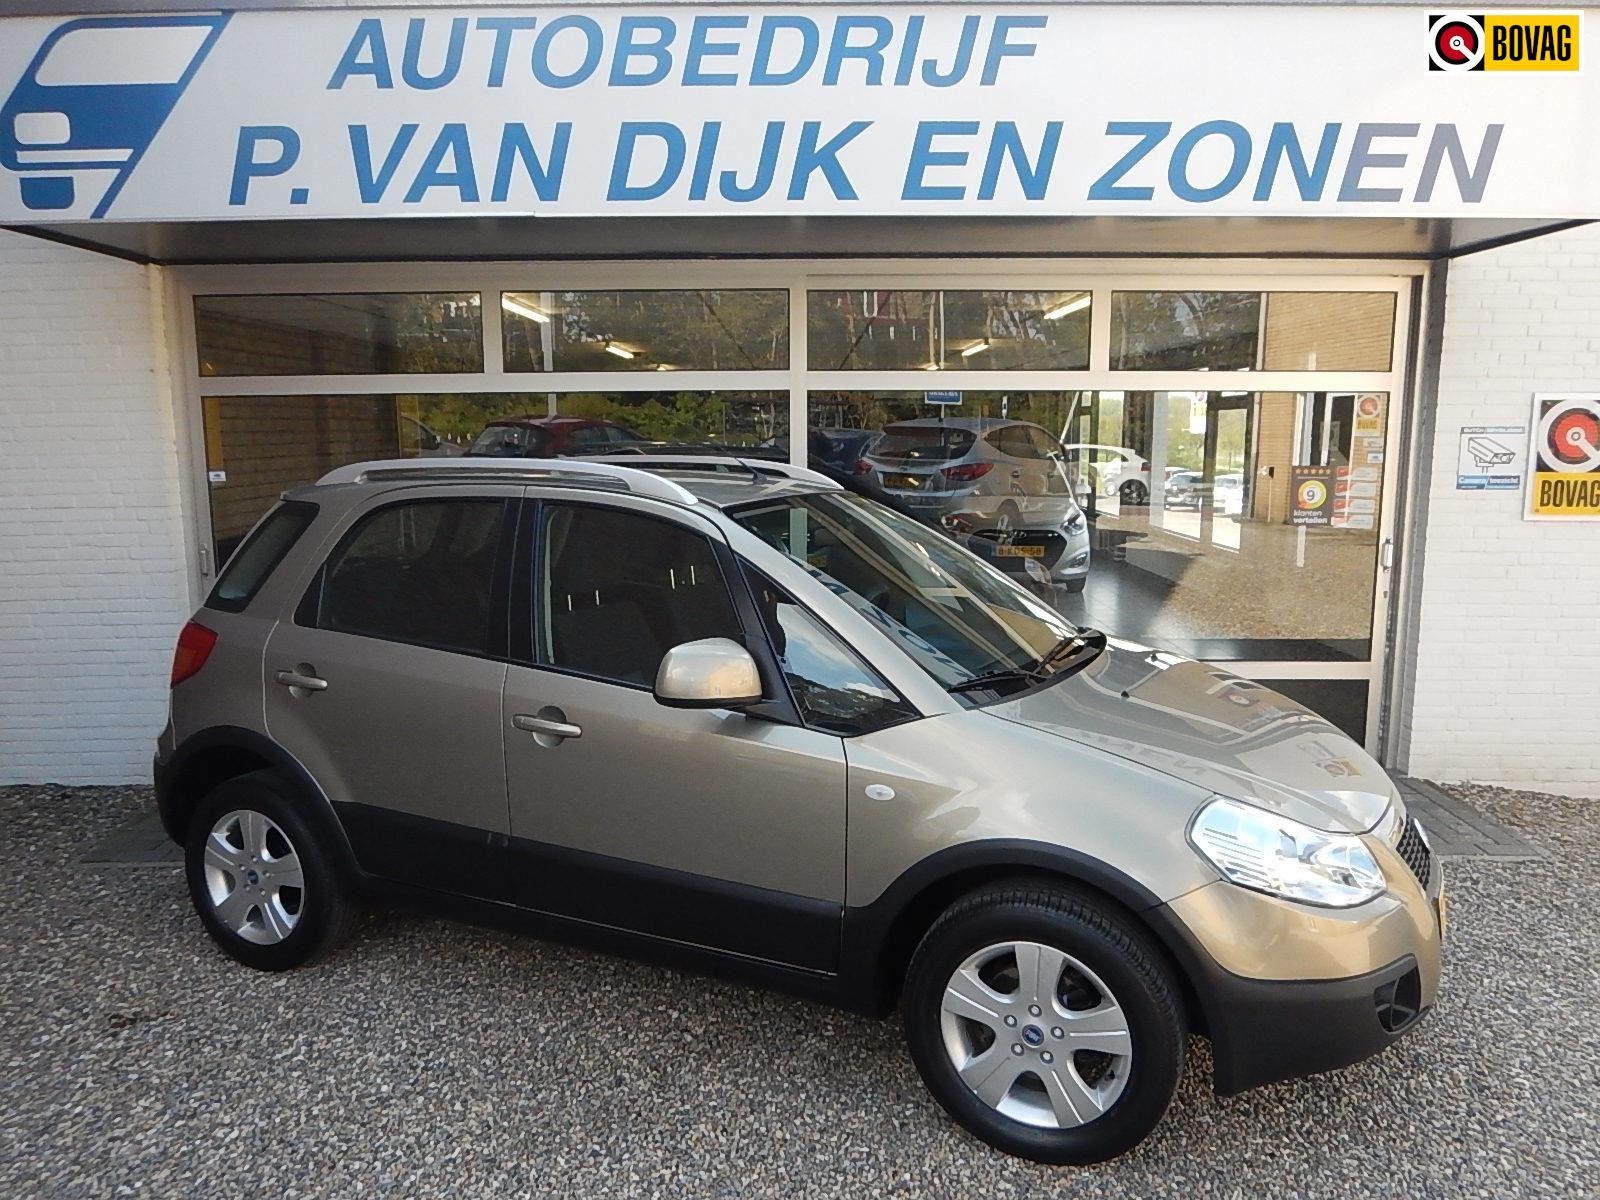 Fiat Sedici occasion - Autobedrijf P. van Dijk en Zonen